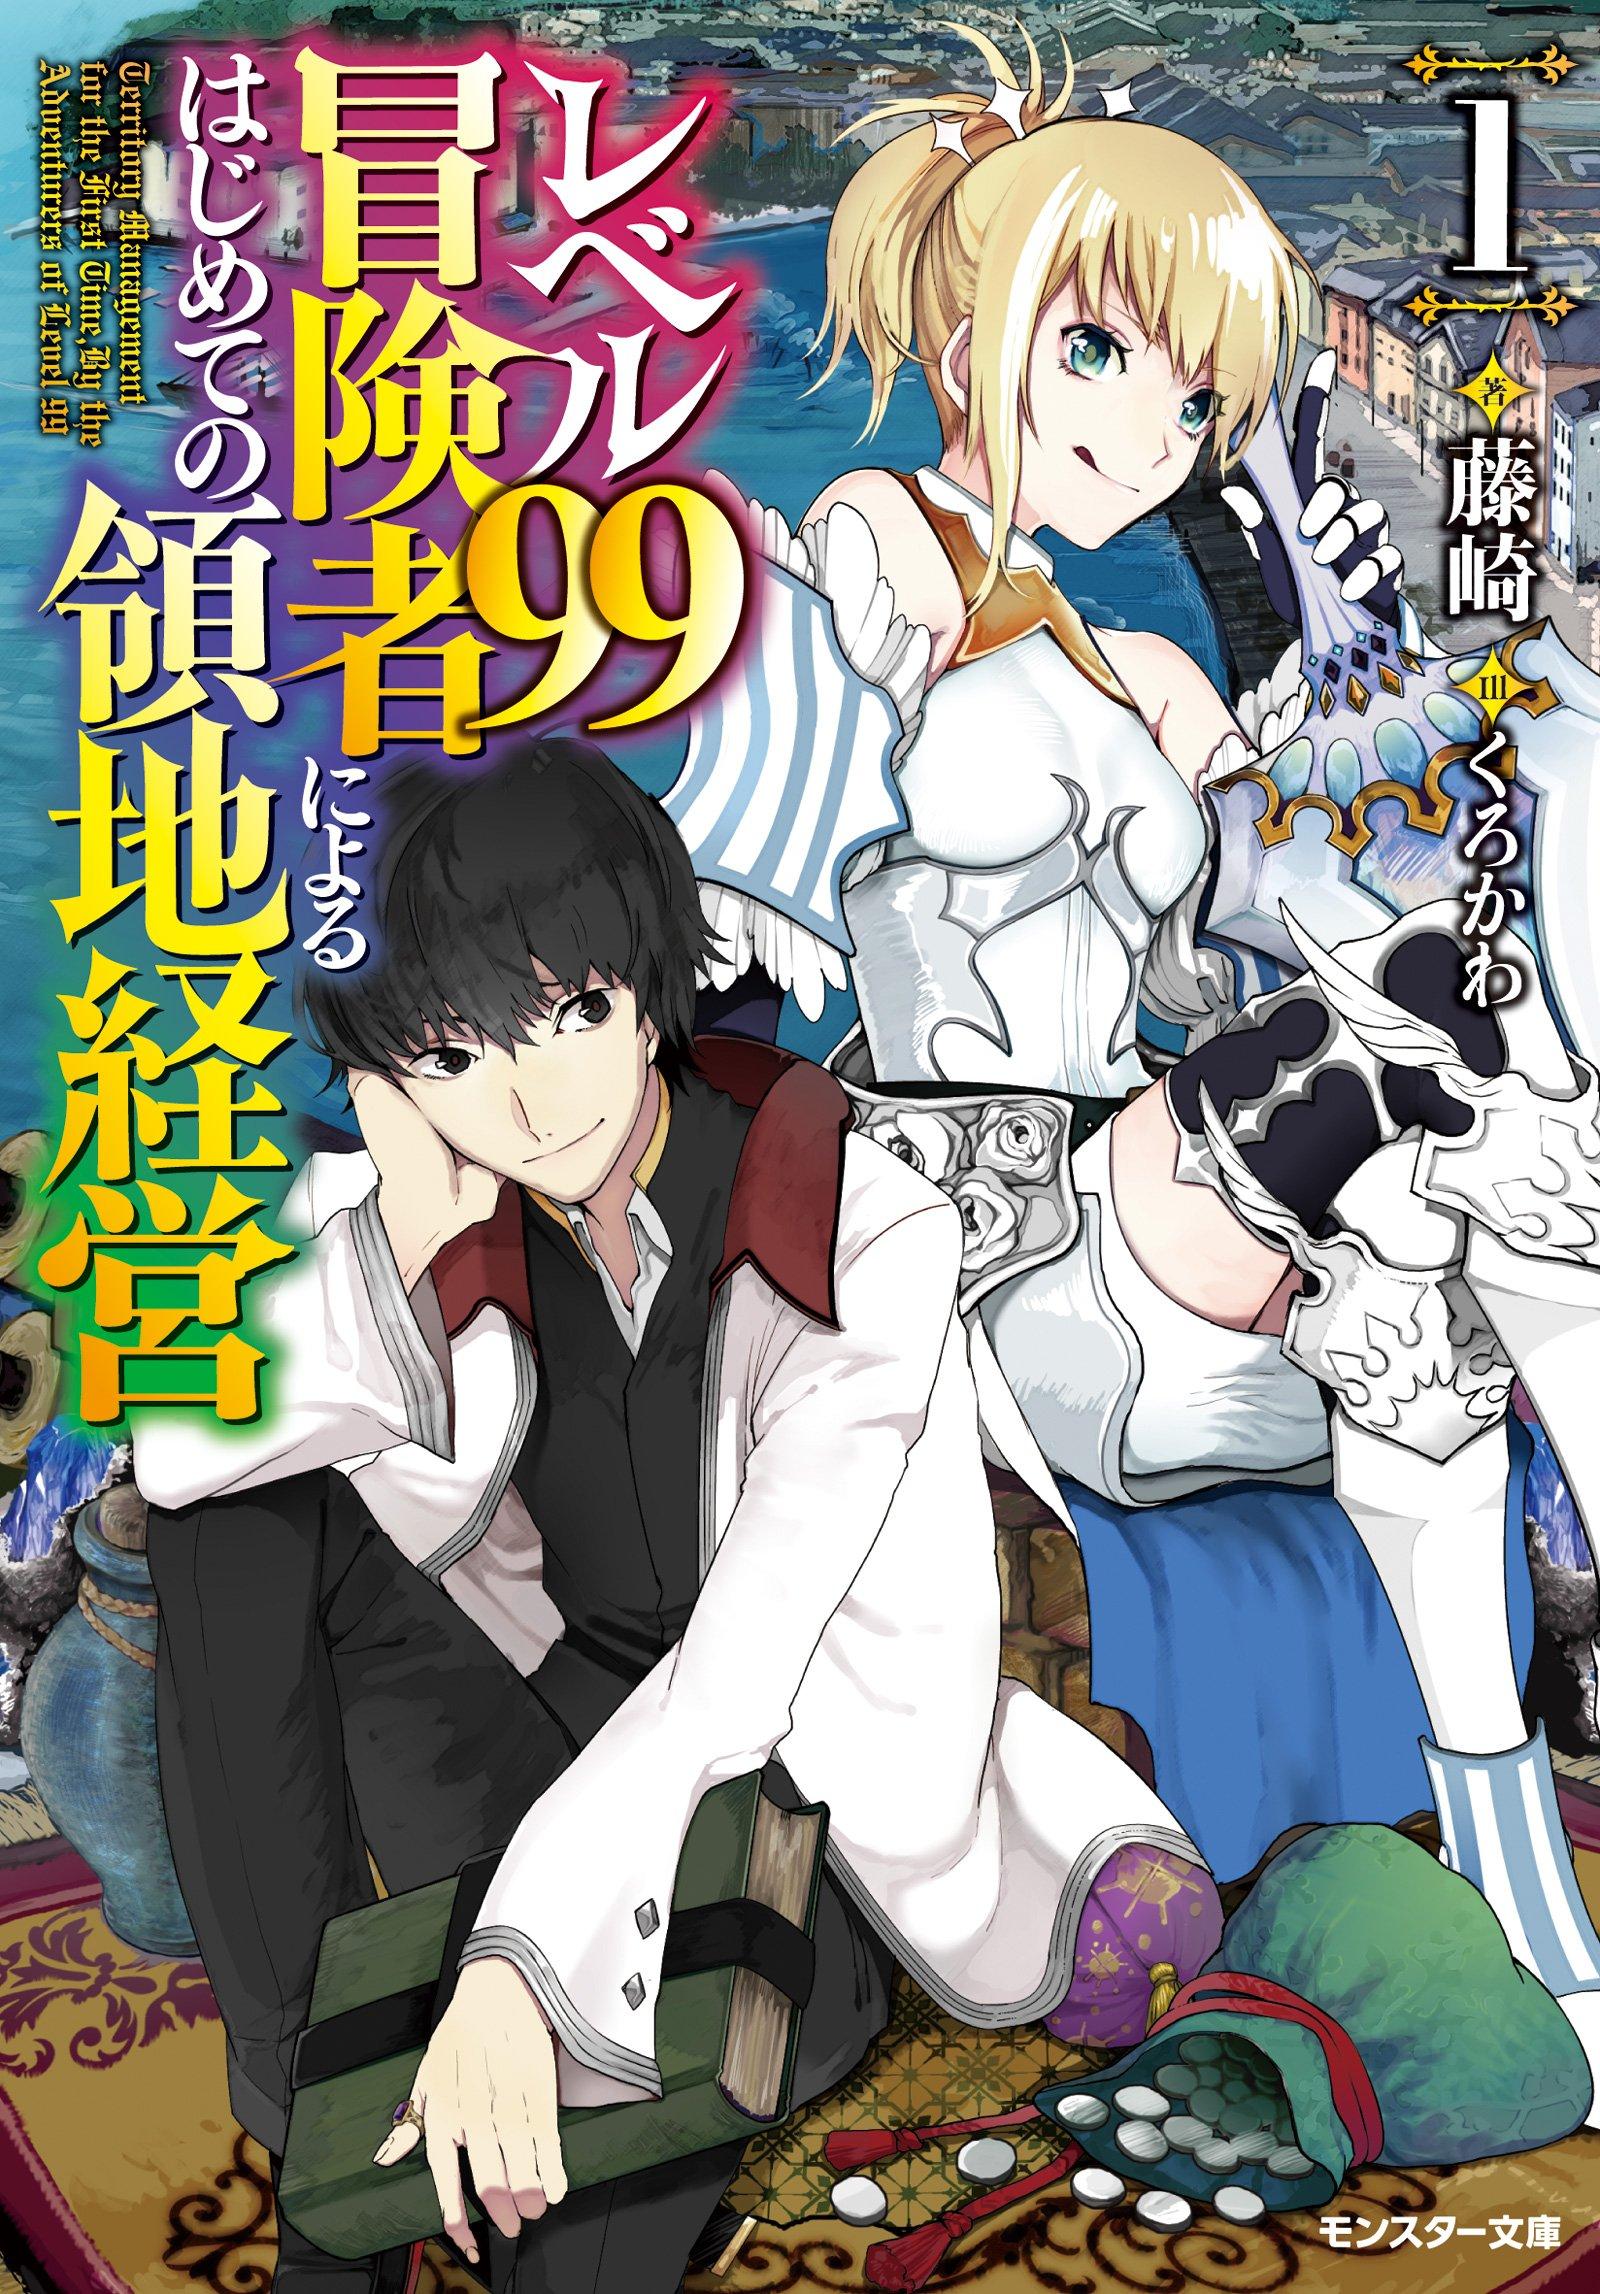 Level 99 Boukensha ni Yoru Hajimete no Ryouchi Keiei